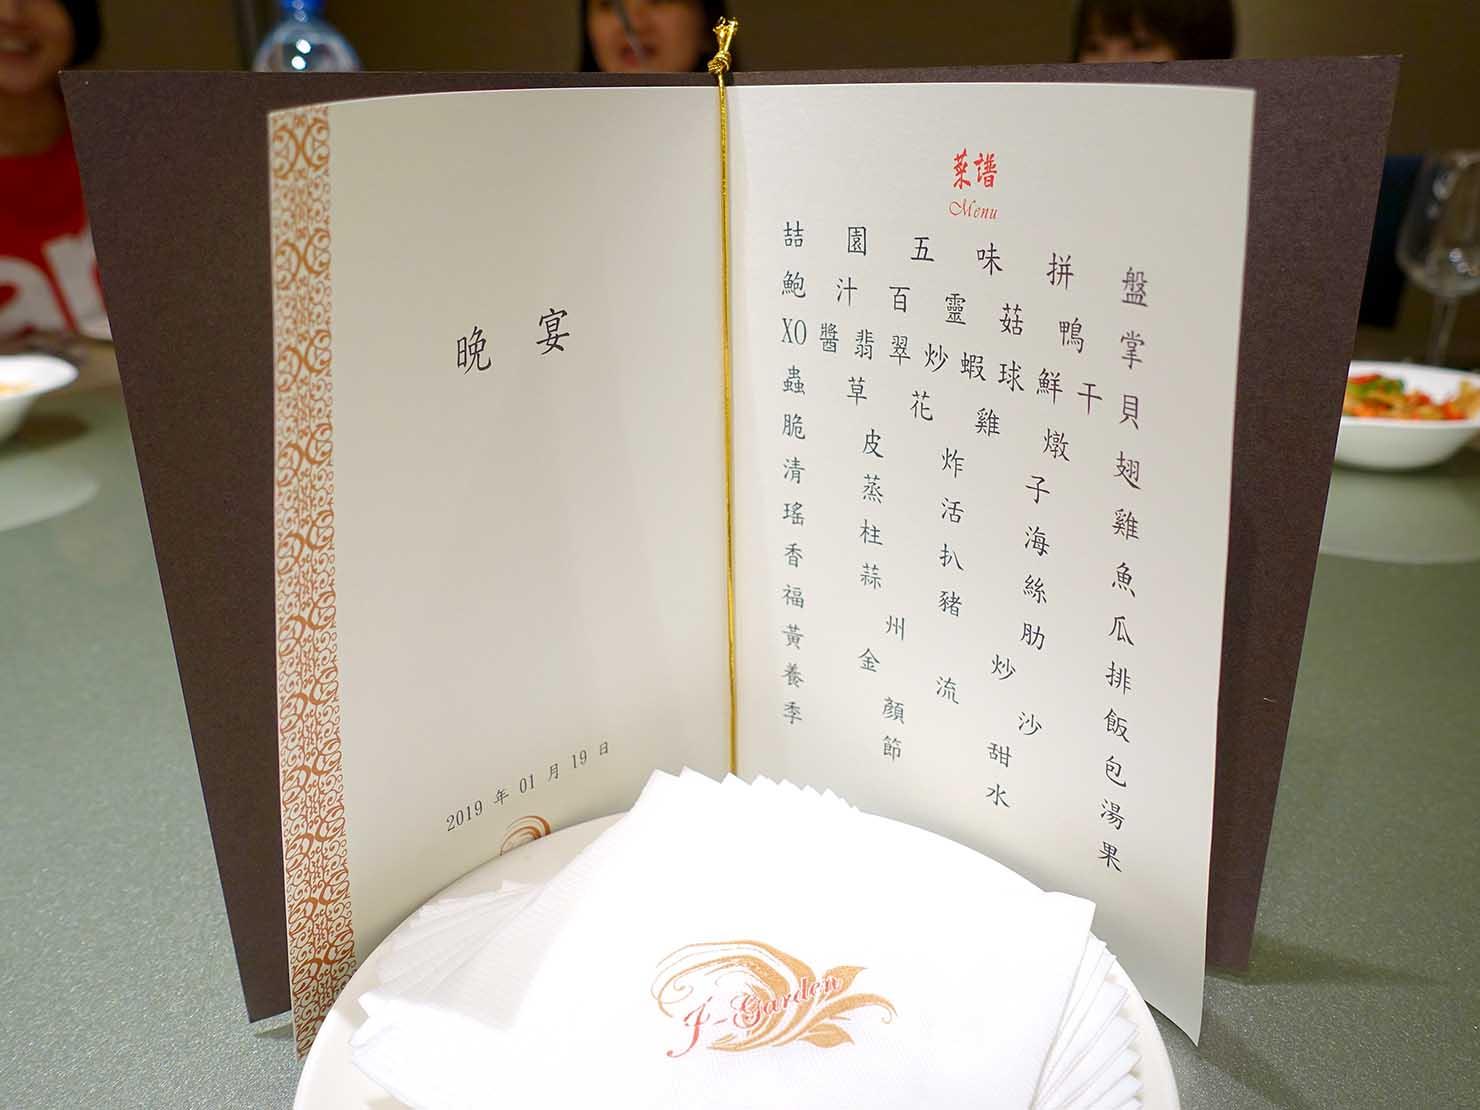 台湾春節前の定番忘年会「尾牙(ウェイヤー)」の料理メニュー